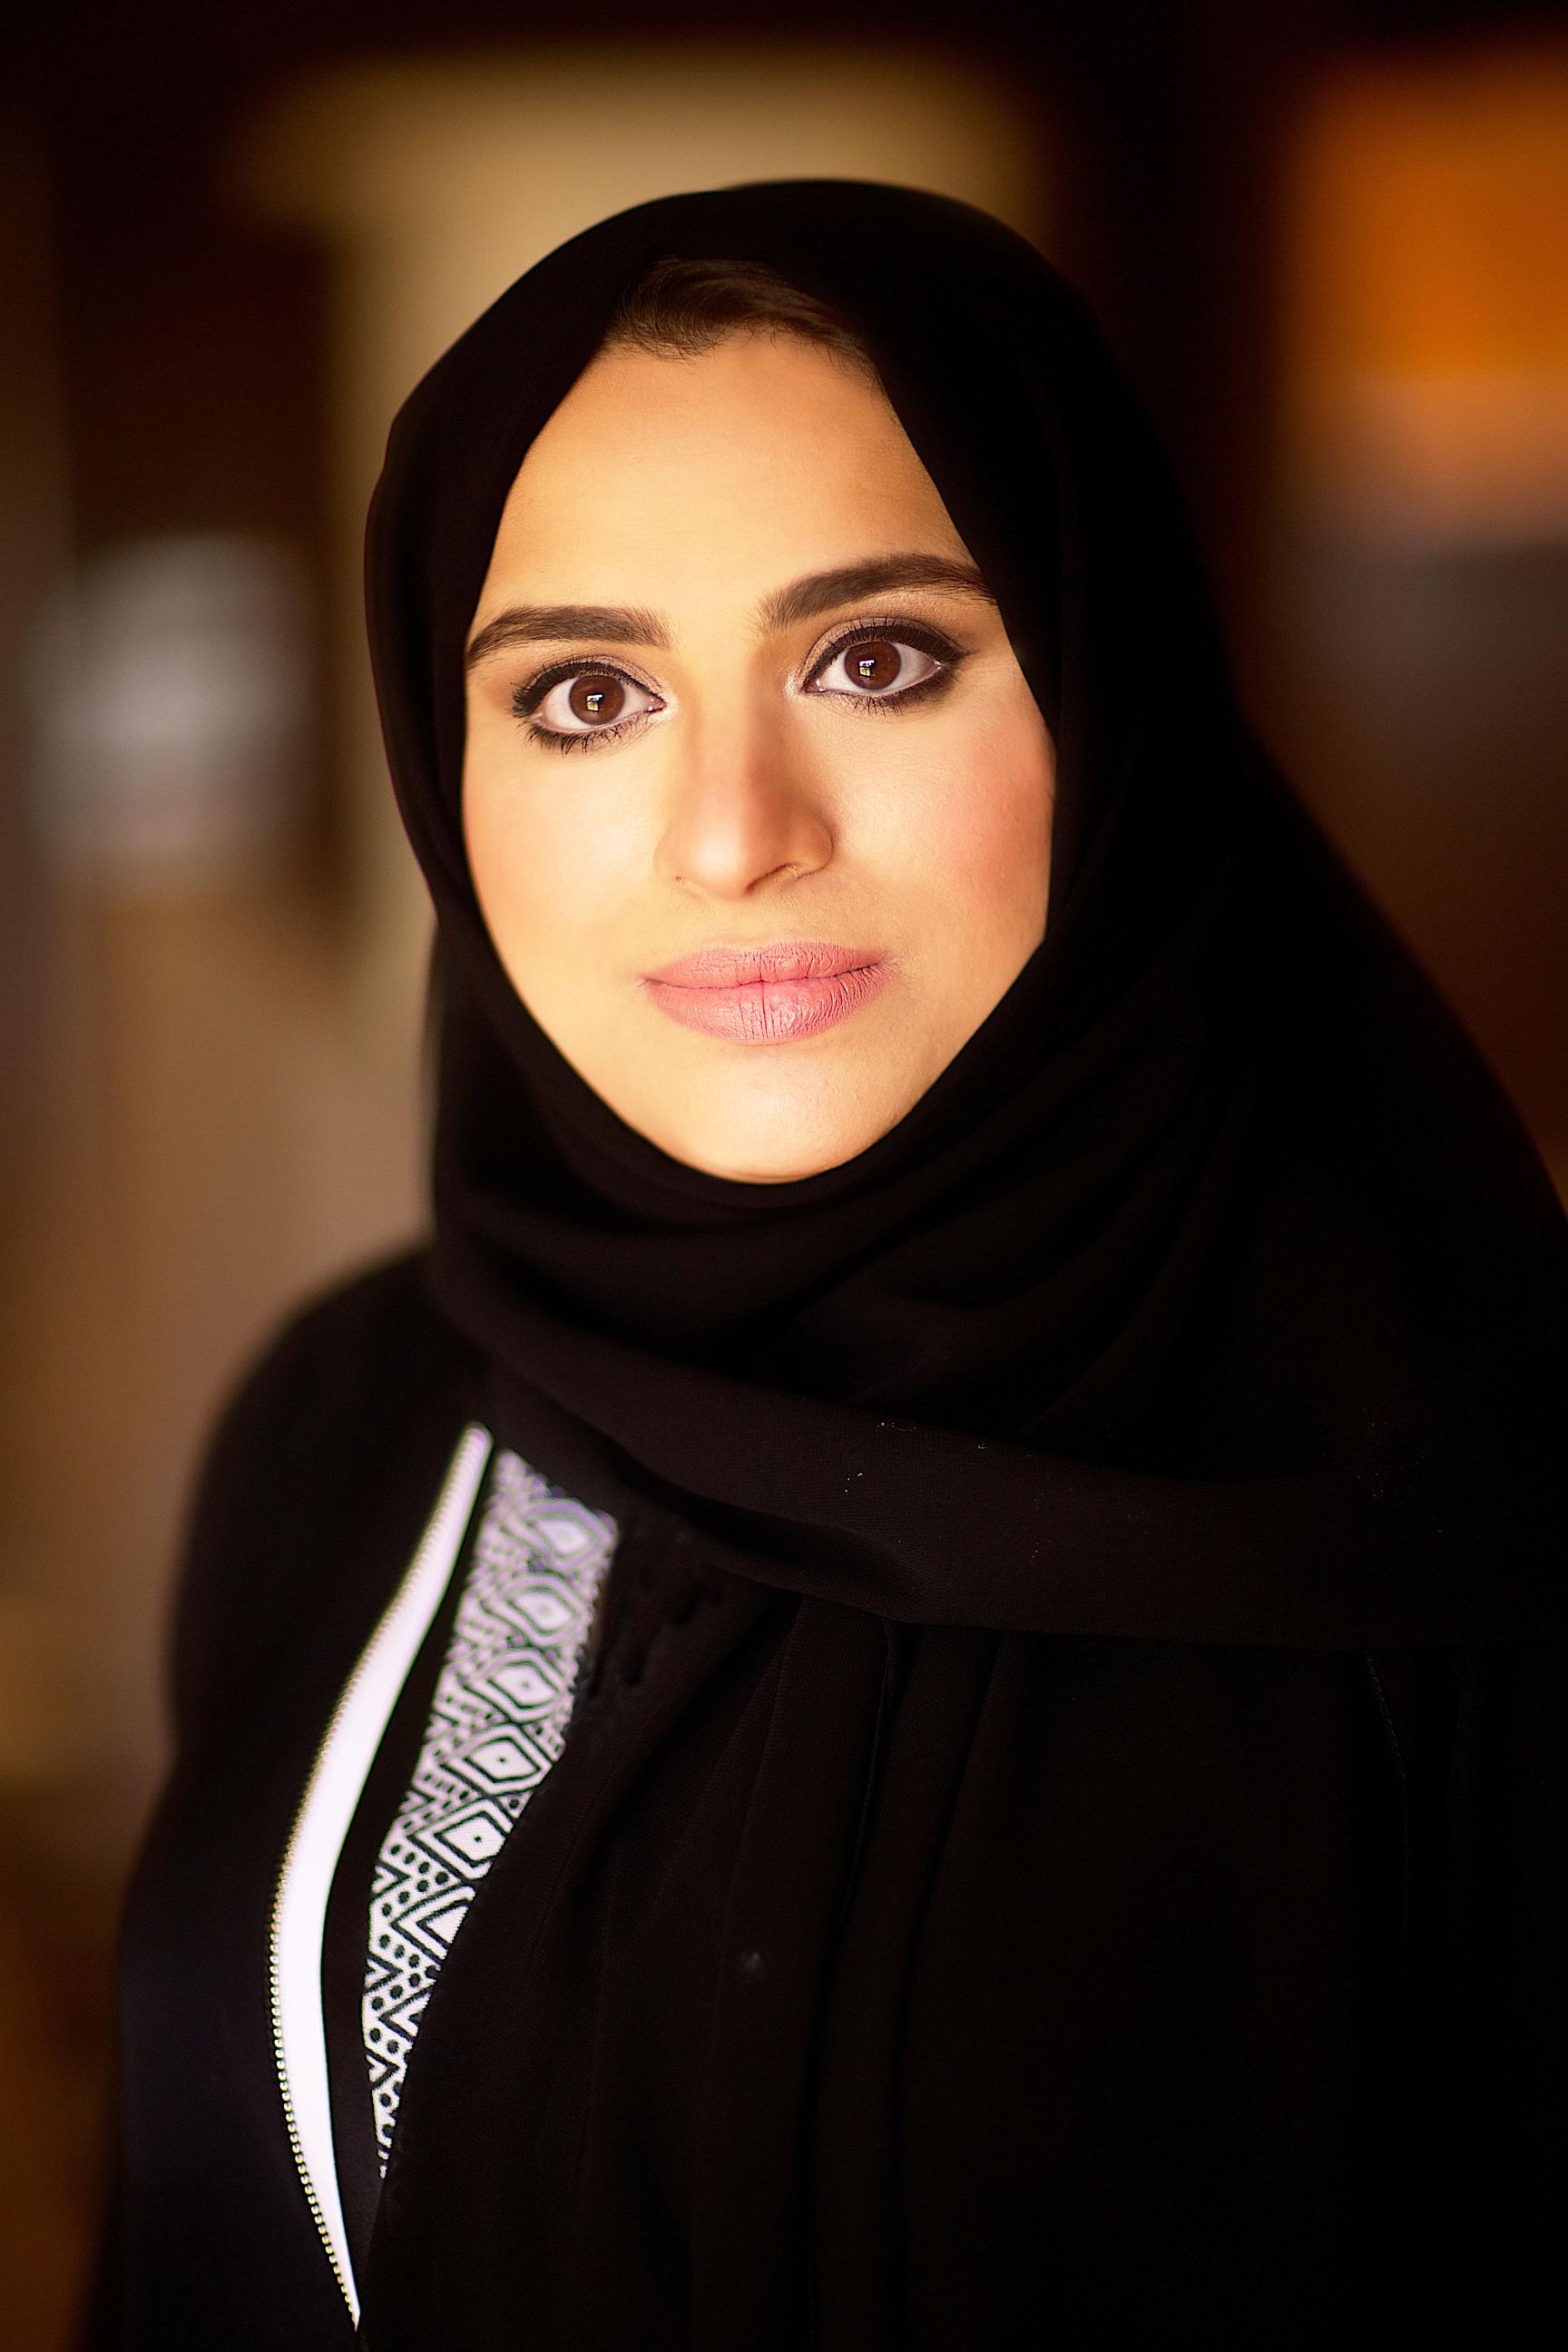 شمسة صالح، المدير التنفيذي لمؤسسة دبي للمرأة